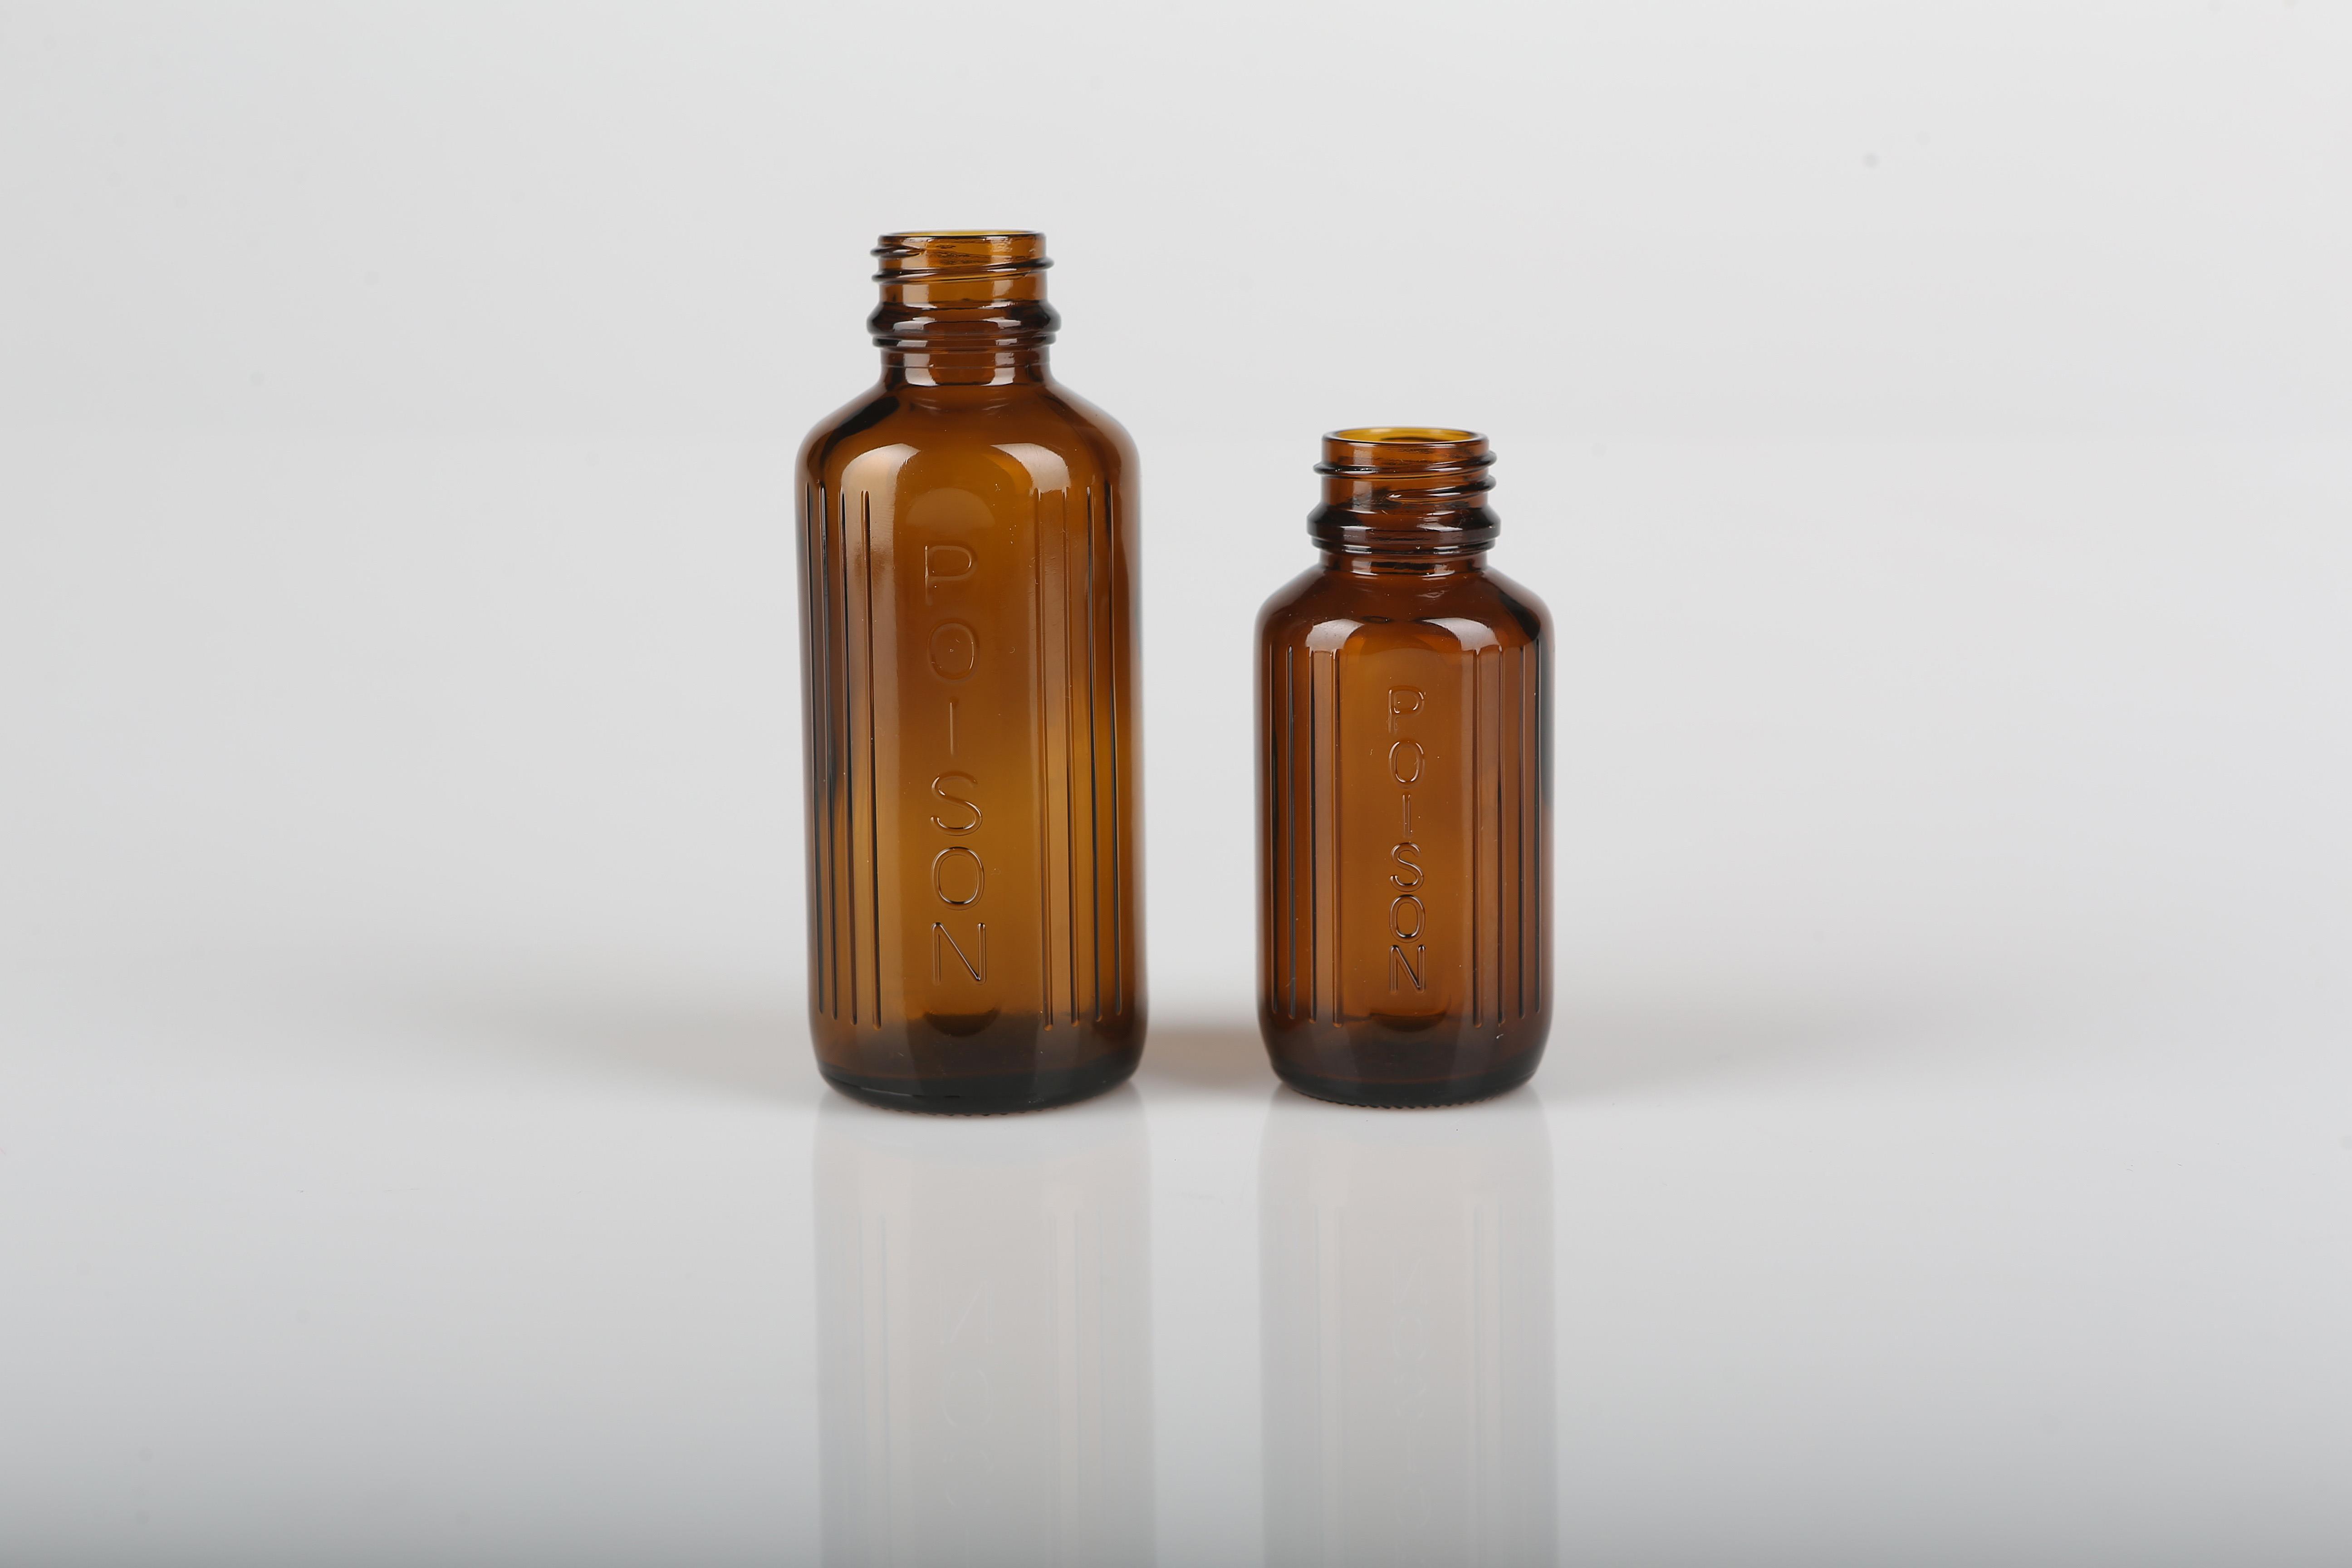 50 Ml Amber Glass Poison Bottle From Ahimsa Oils